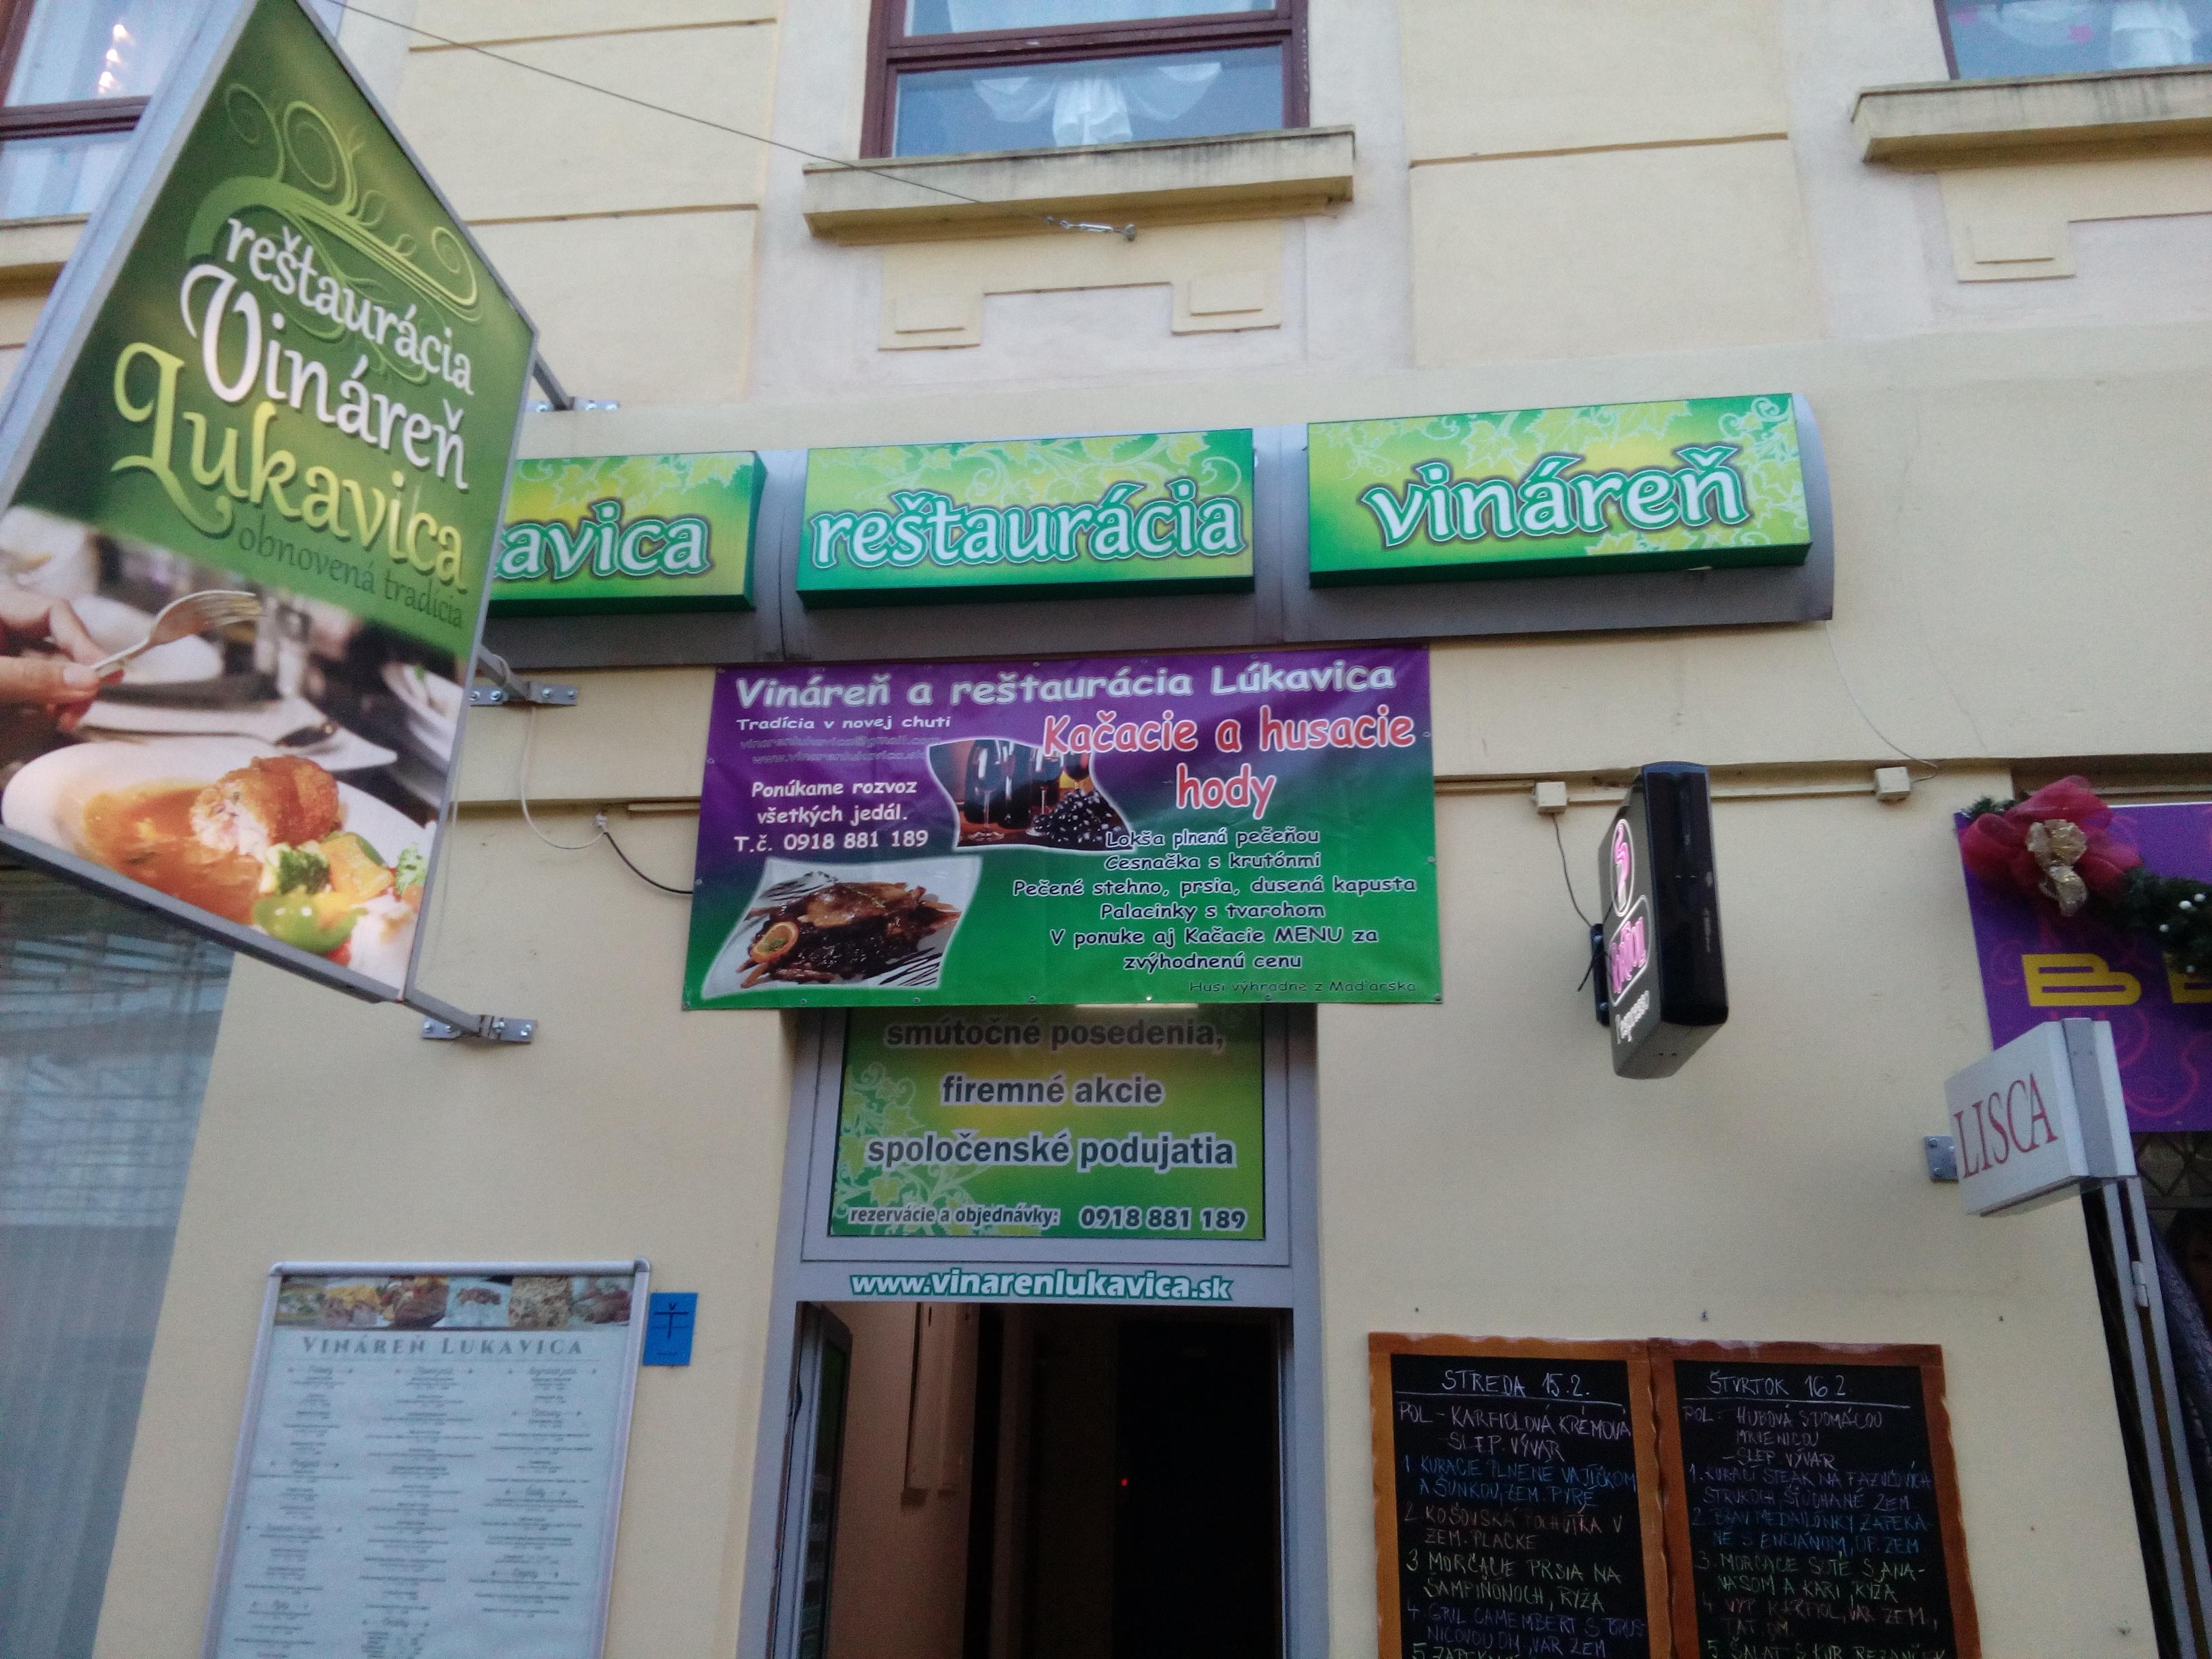 Restaurant und Cafe in Lukavica | Region Trenčín